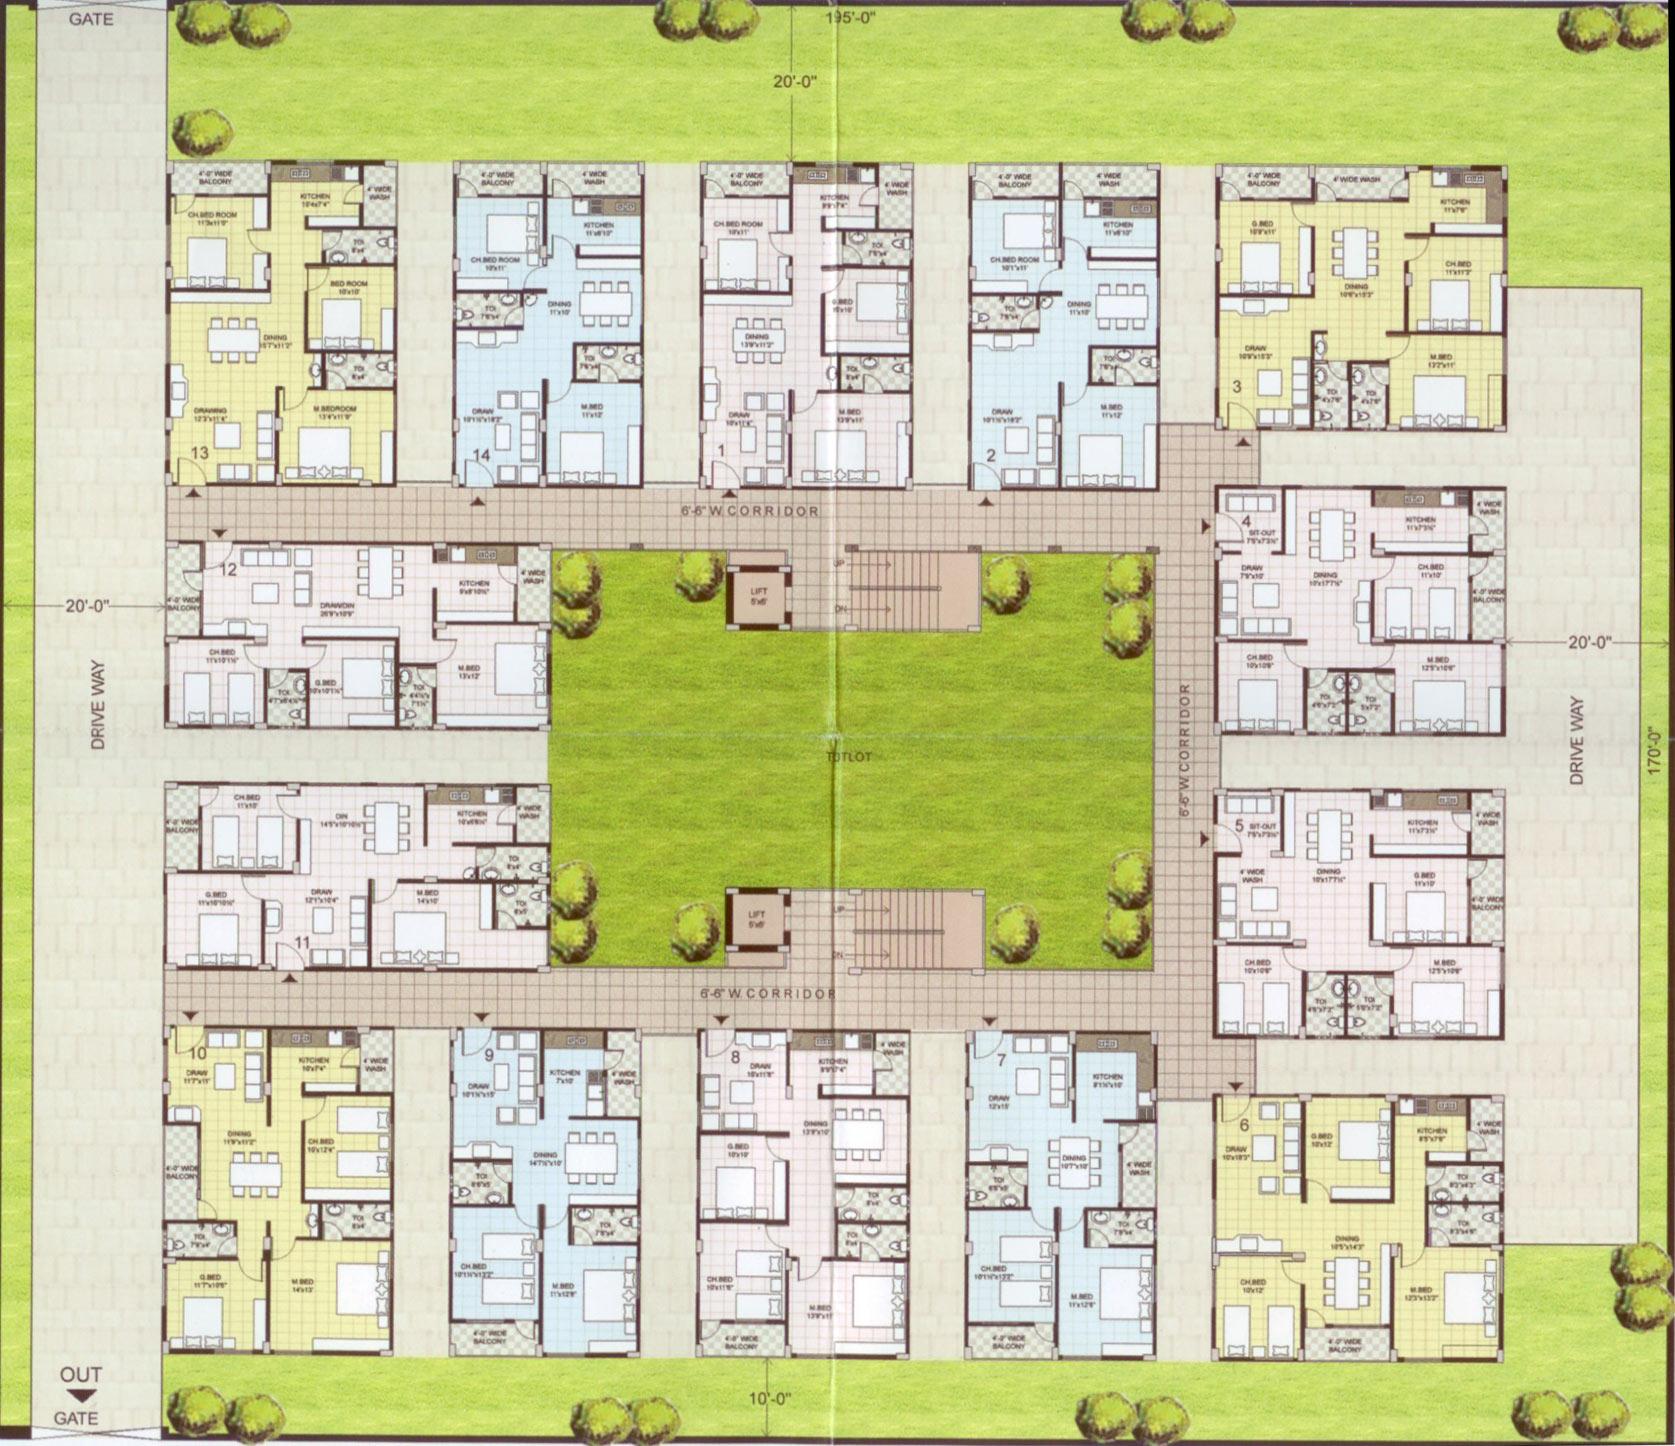 Manjeera Group Properties Manjeera Group Real Estate In